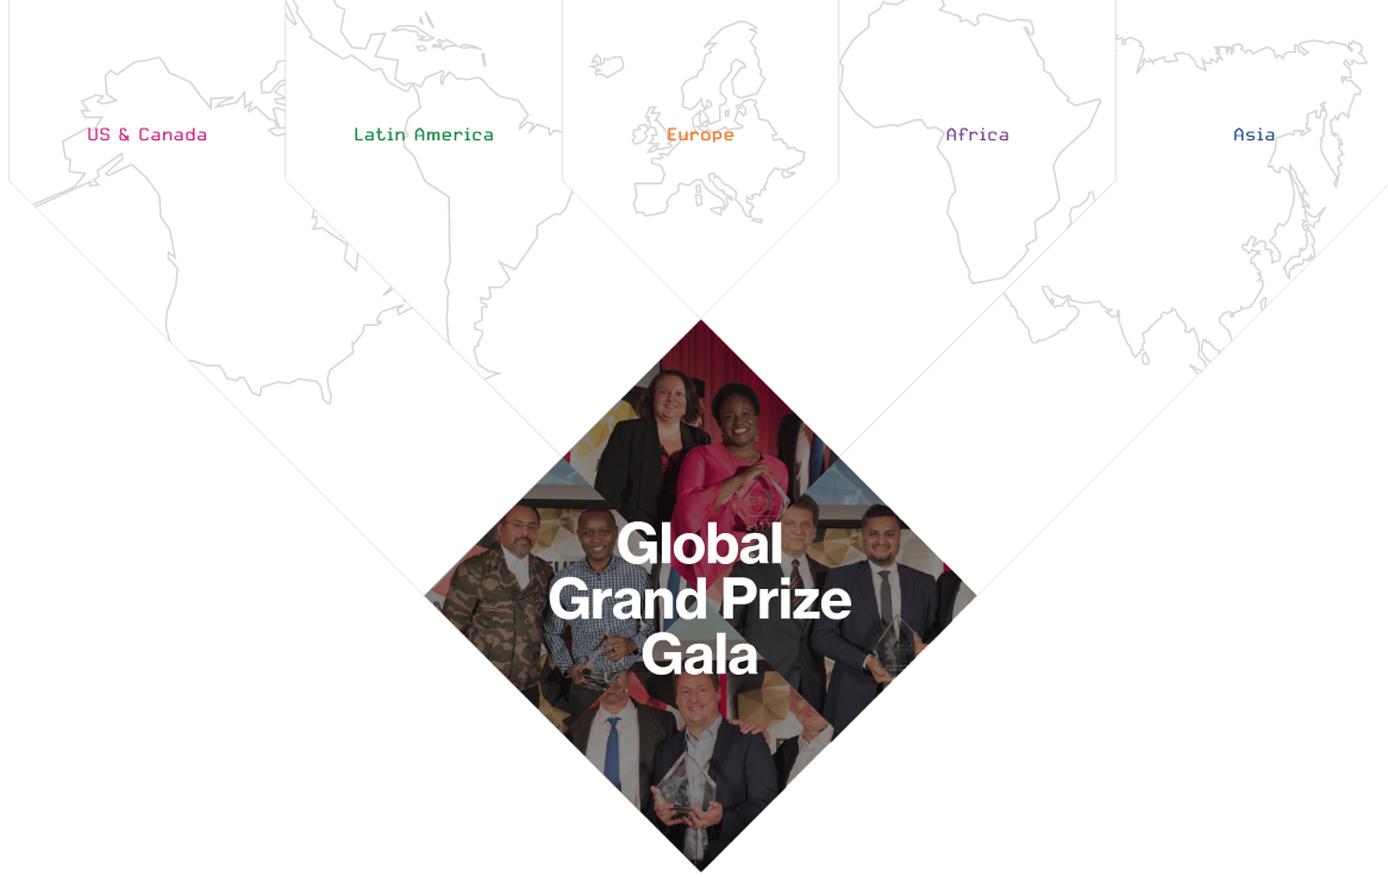 Global Grand Prize Gala